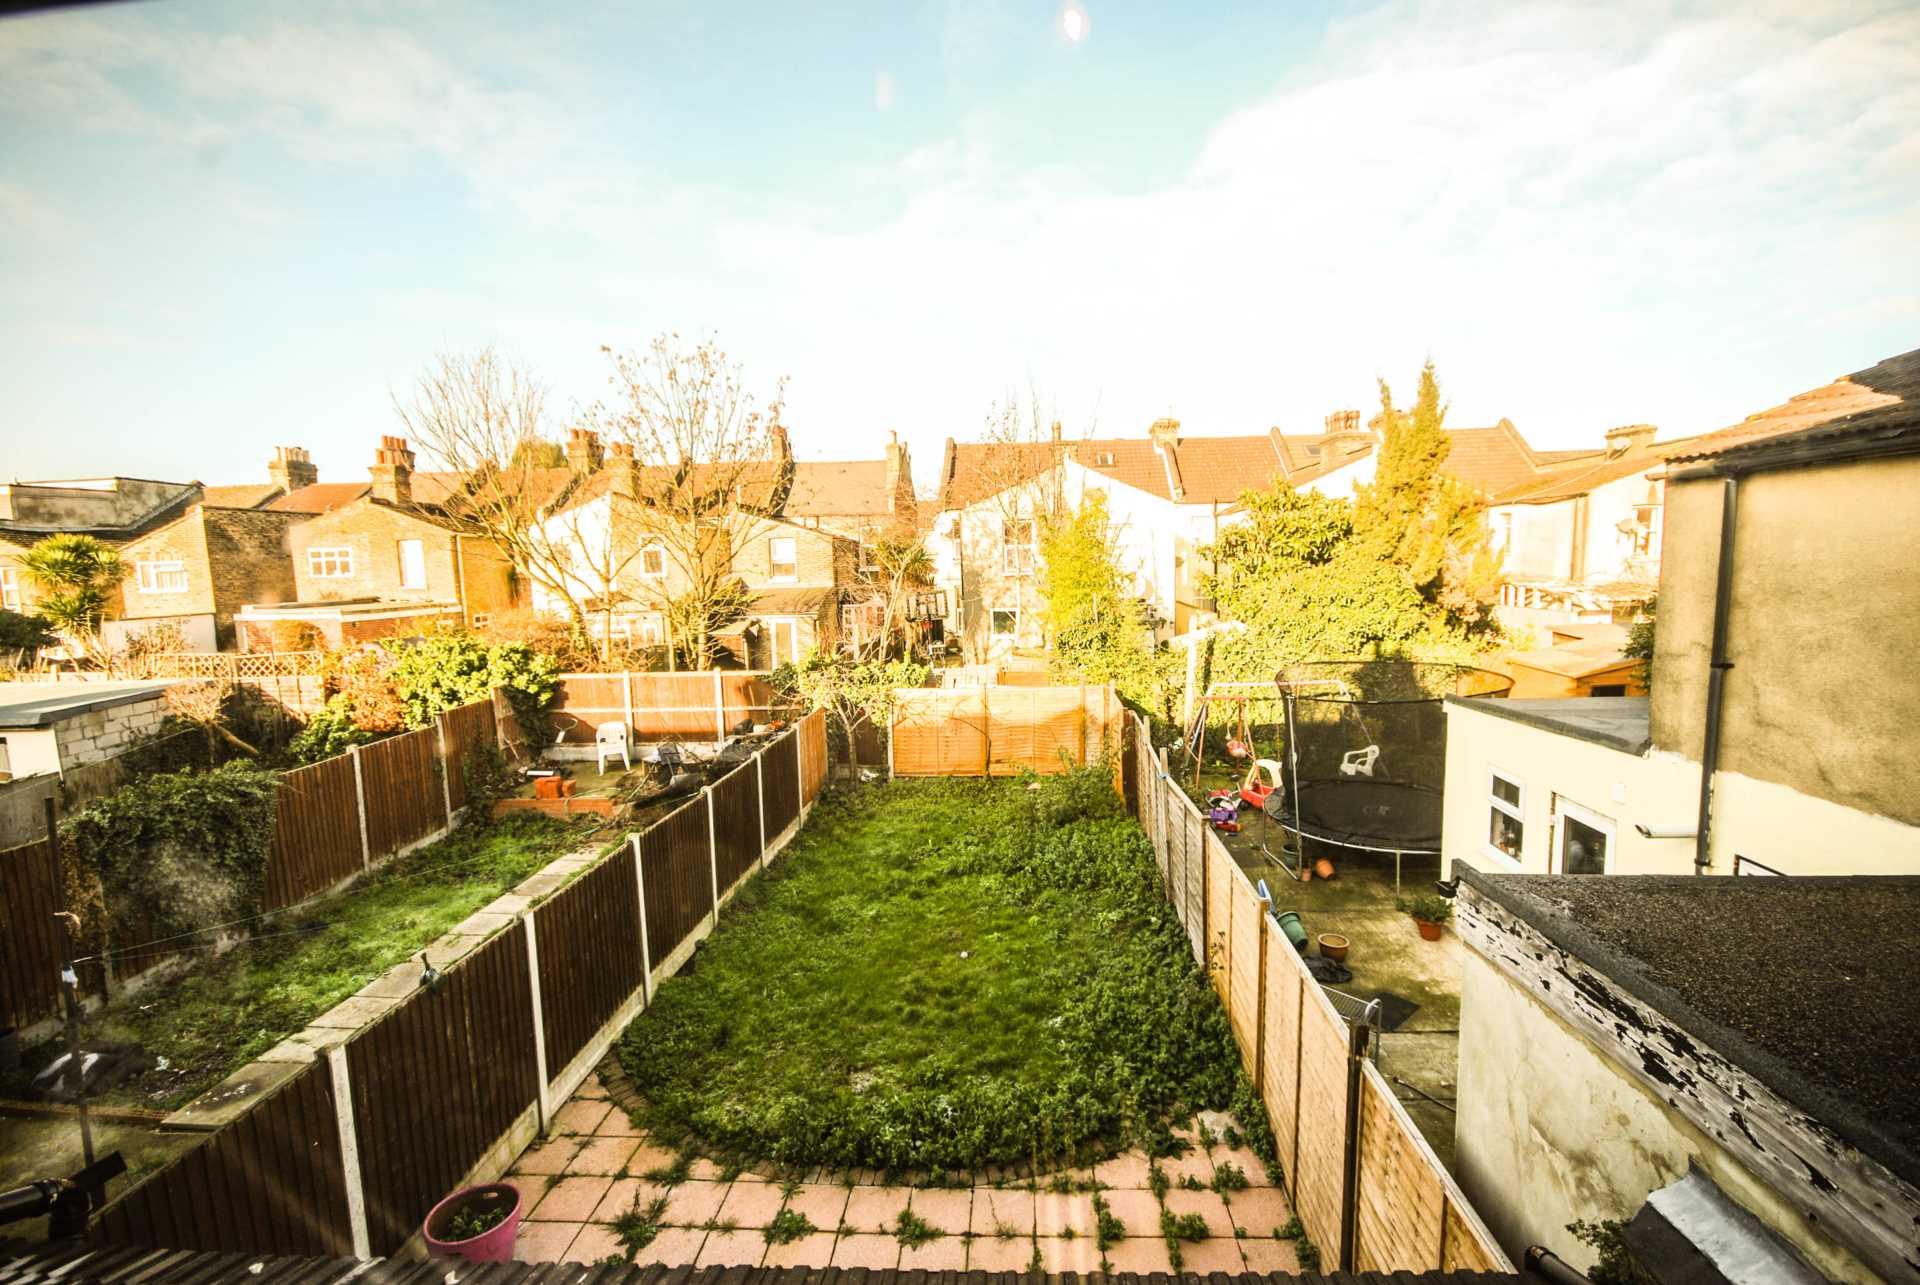 Tyndal Road, Leyton, Image 26